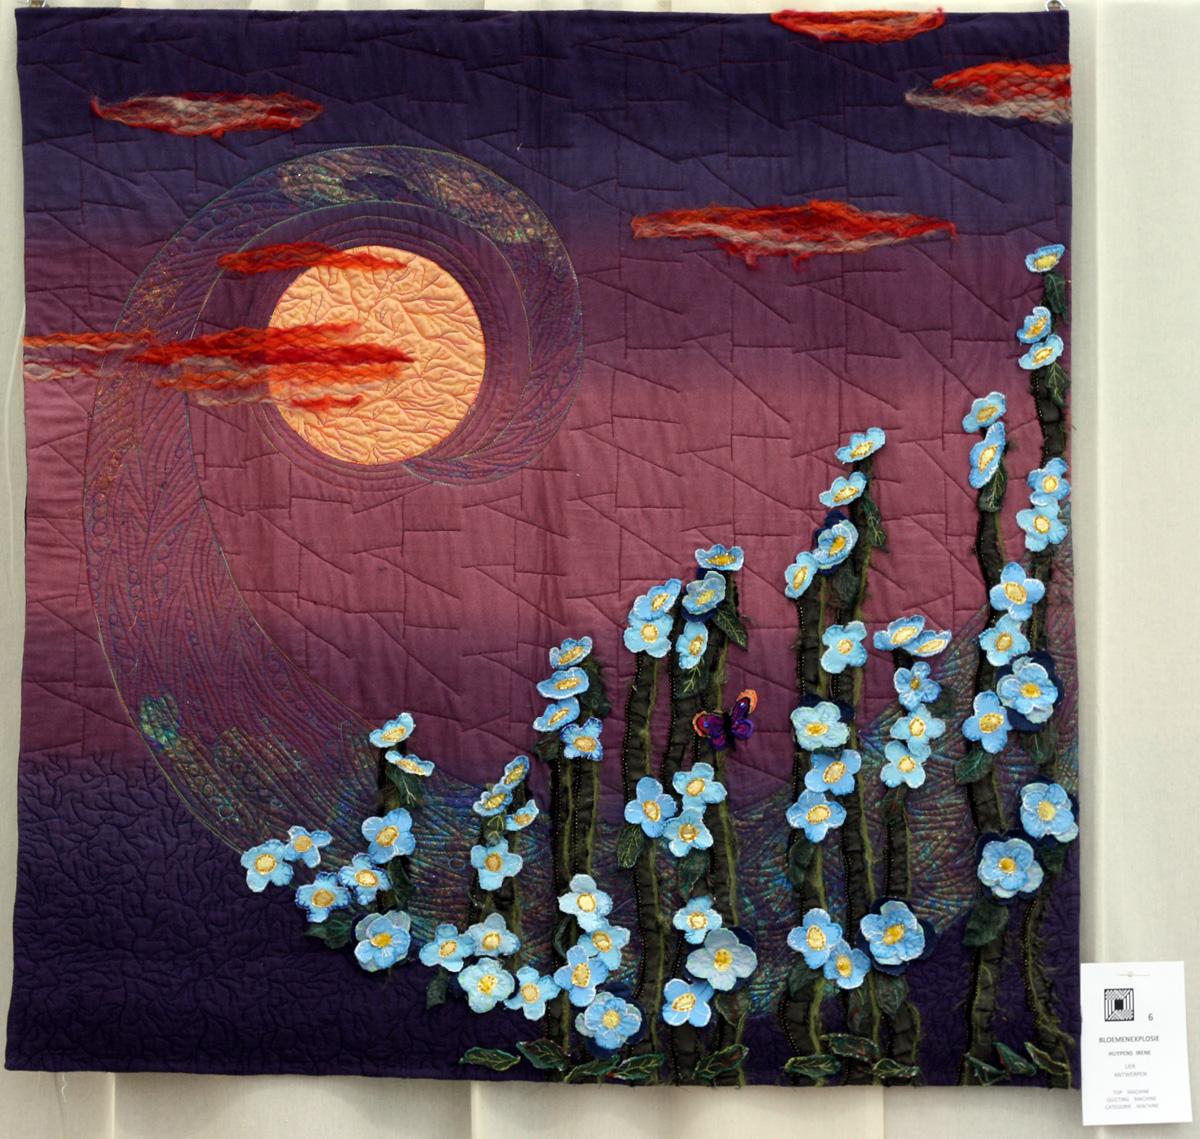 22    n°  06    71   Irene Huypens, Antwerpen, Bloemenexplosie, 100 cm x 100 cm